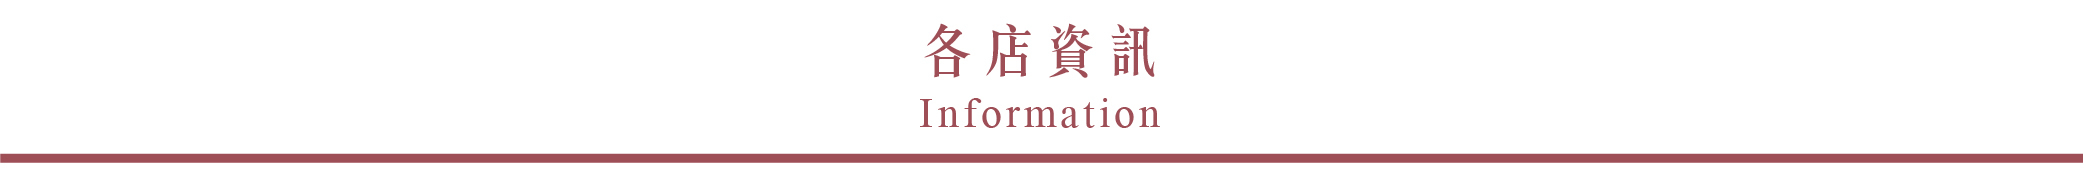 銷魂麵舖 各店資訊 分店 中山 忠孝 信義 台中 四號公園 台南